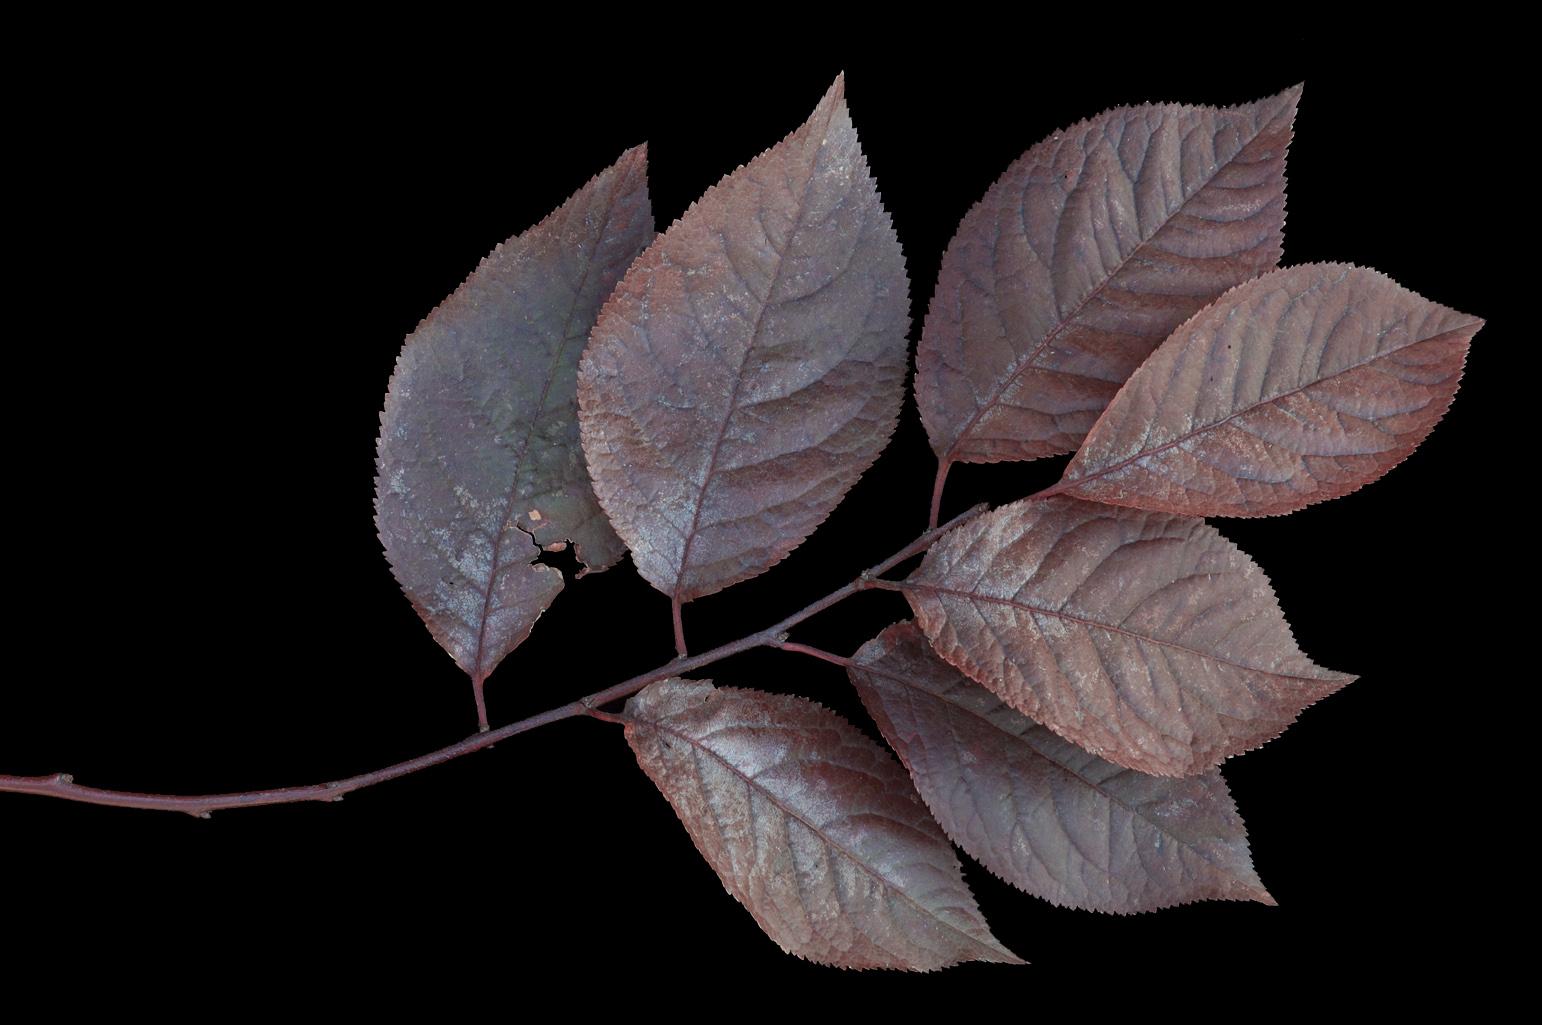 Rama con hojas de 4,5 cm long. y color rojo vinoso, más oscuras al llegar el otoño